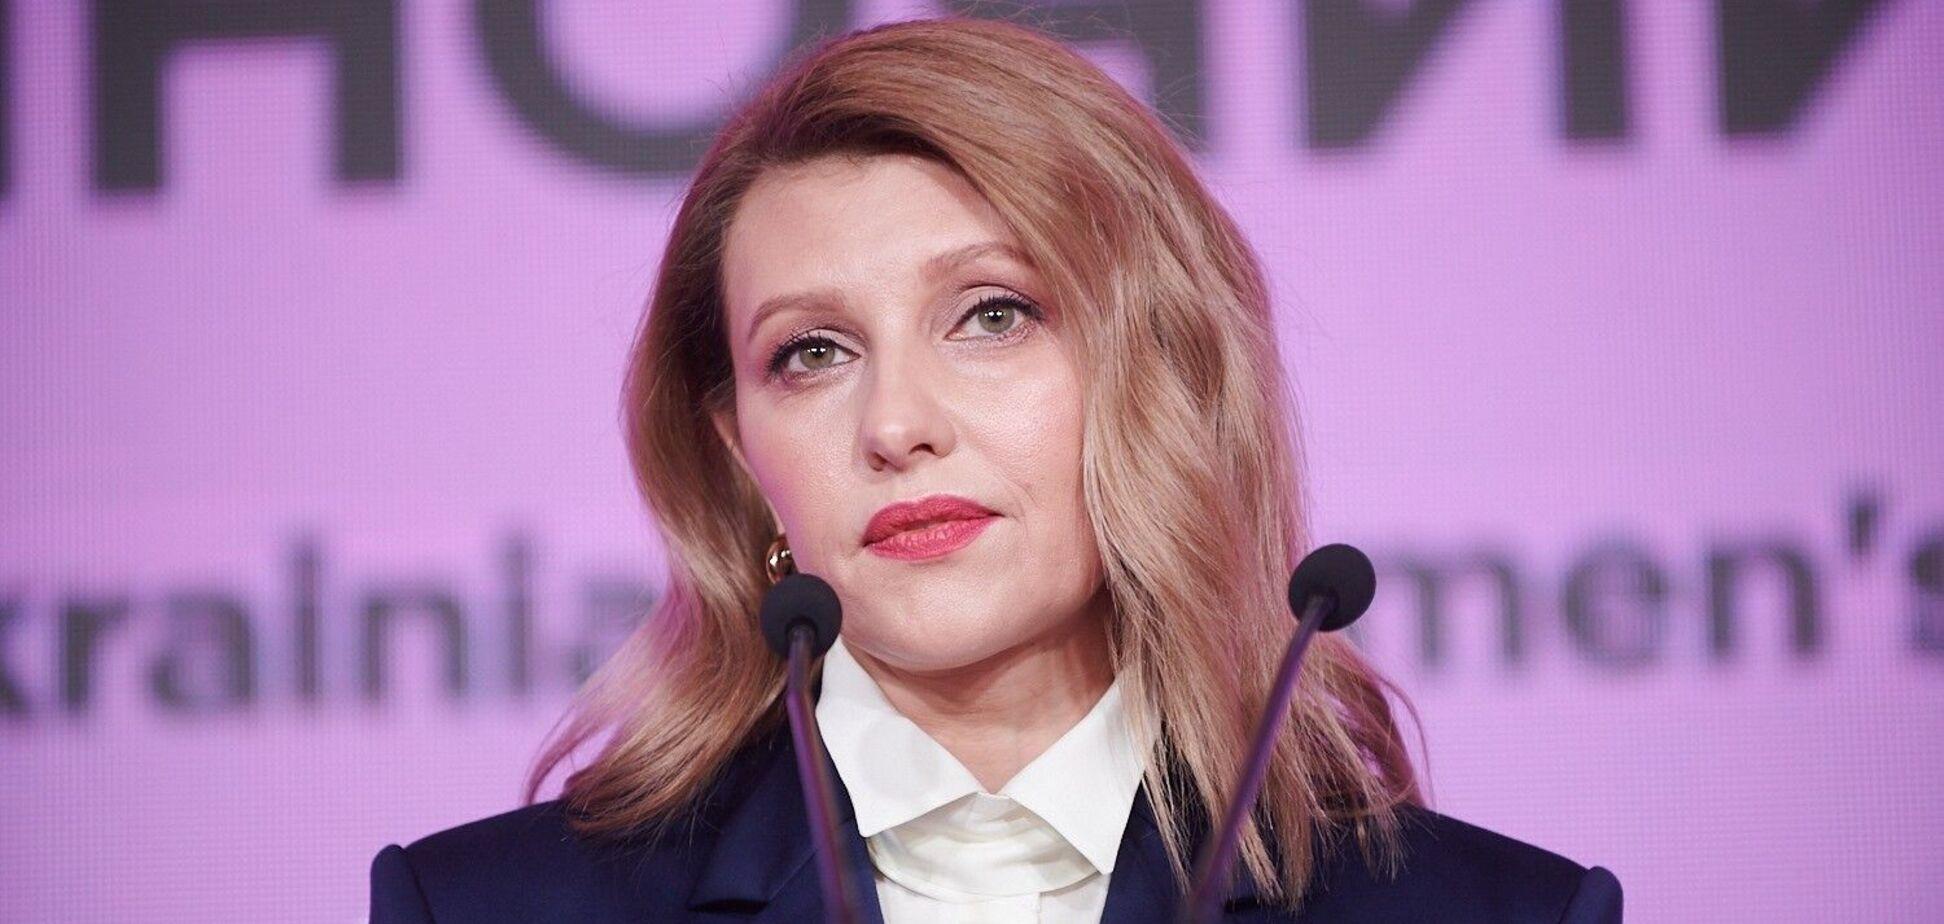 Олена Зеленська з'явилася на публіці в стильному образі та захопила мережу